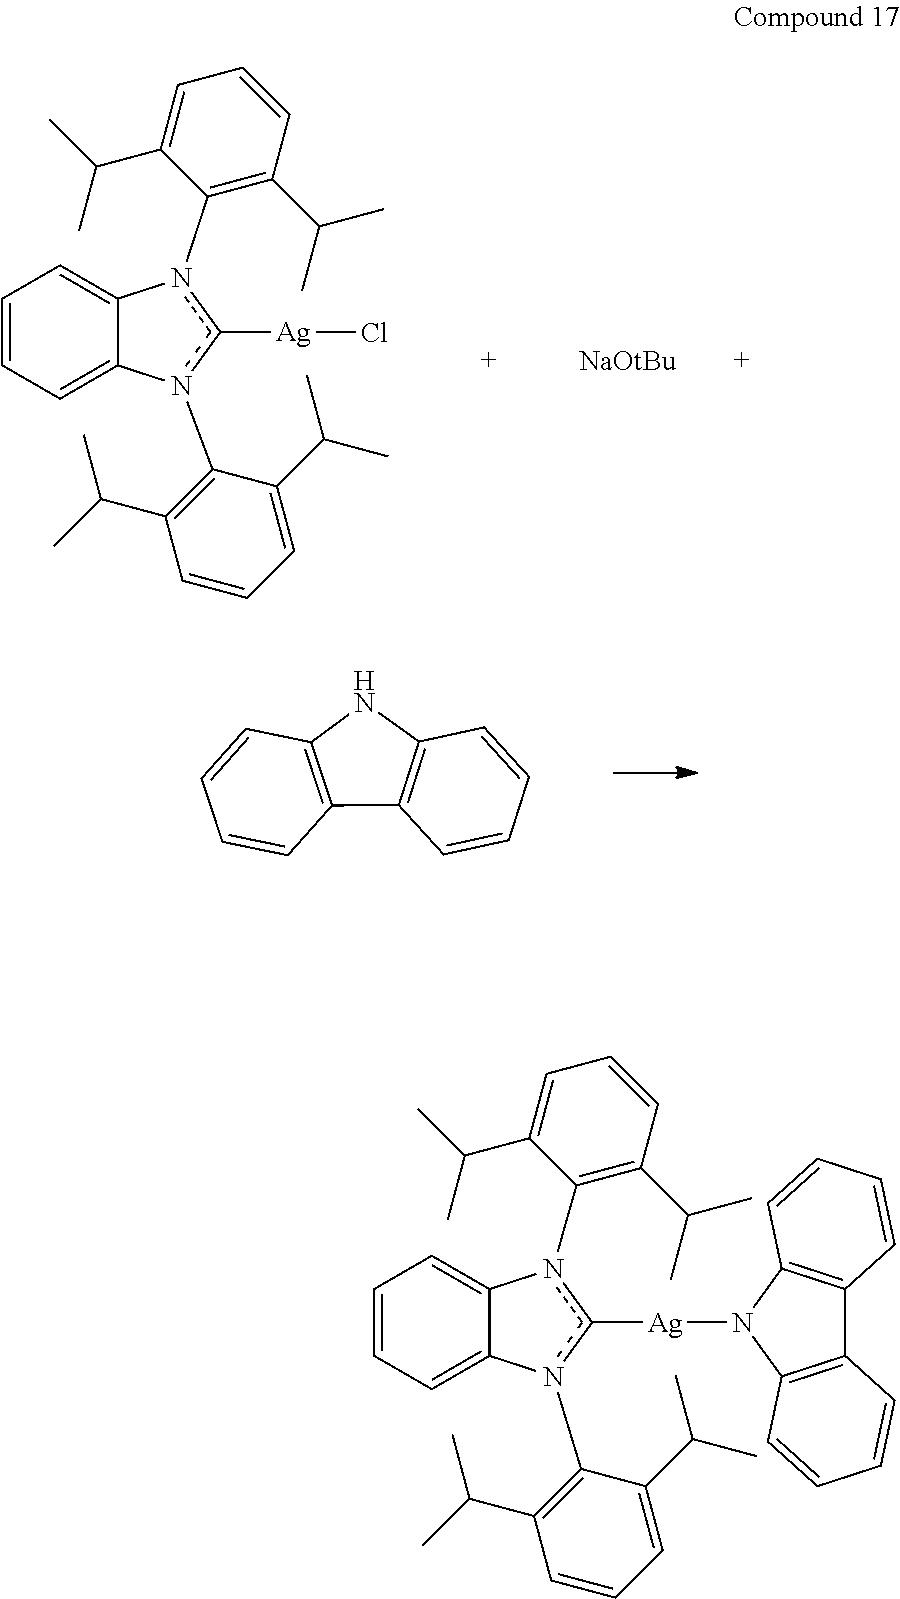 Figure US20190161504A1-20190530-C00109